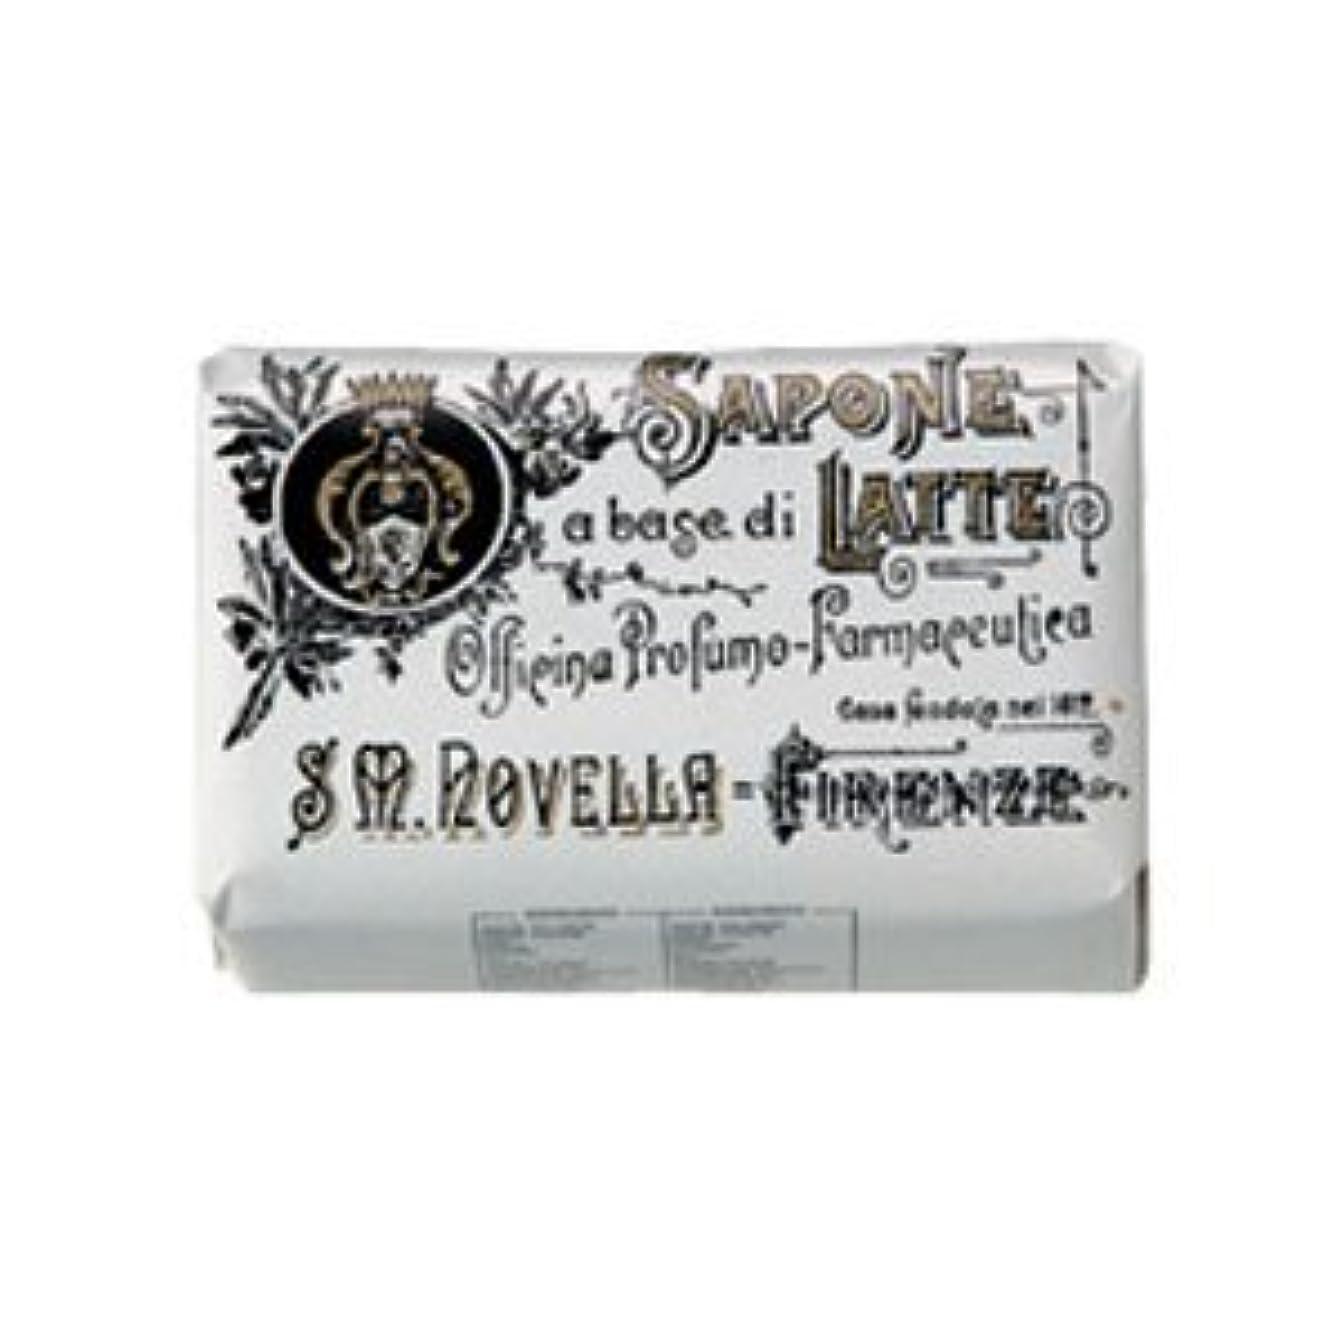 落ち着いた電卓ピクニックサンタ マリア ノヴェッラ Santa Maria Novella ミルクソープ ローザ 100g